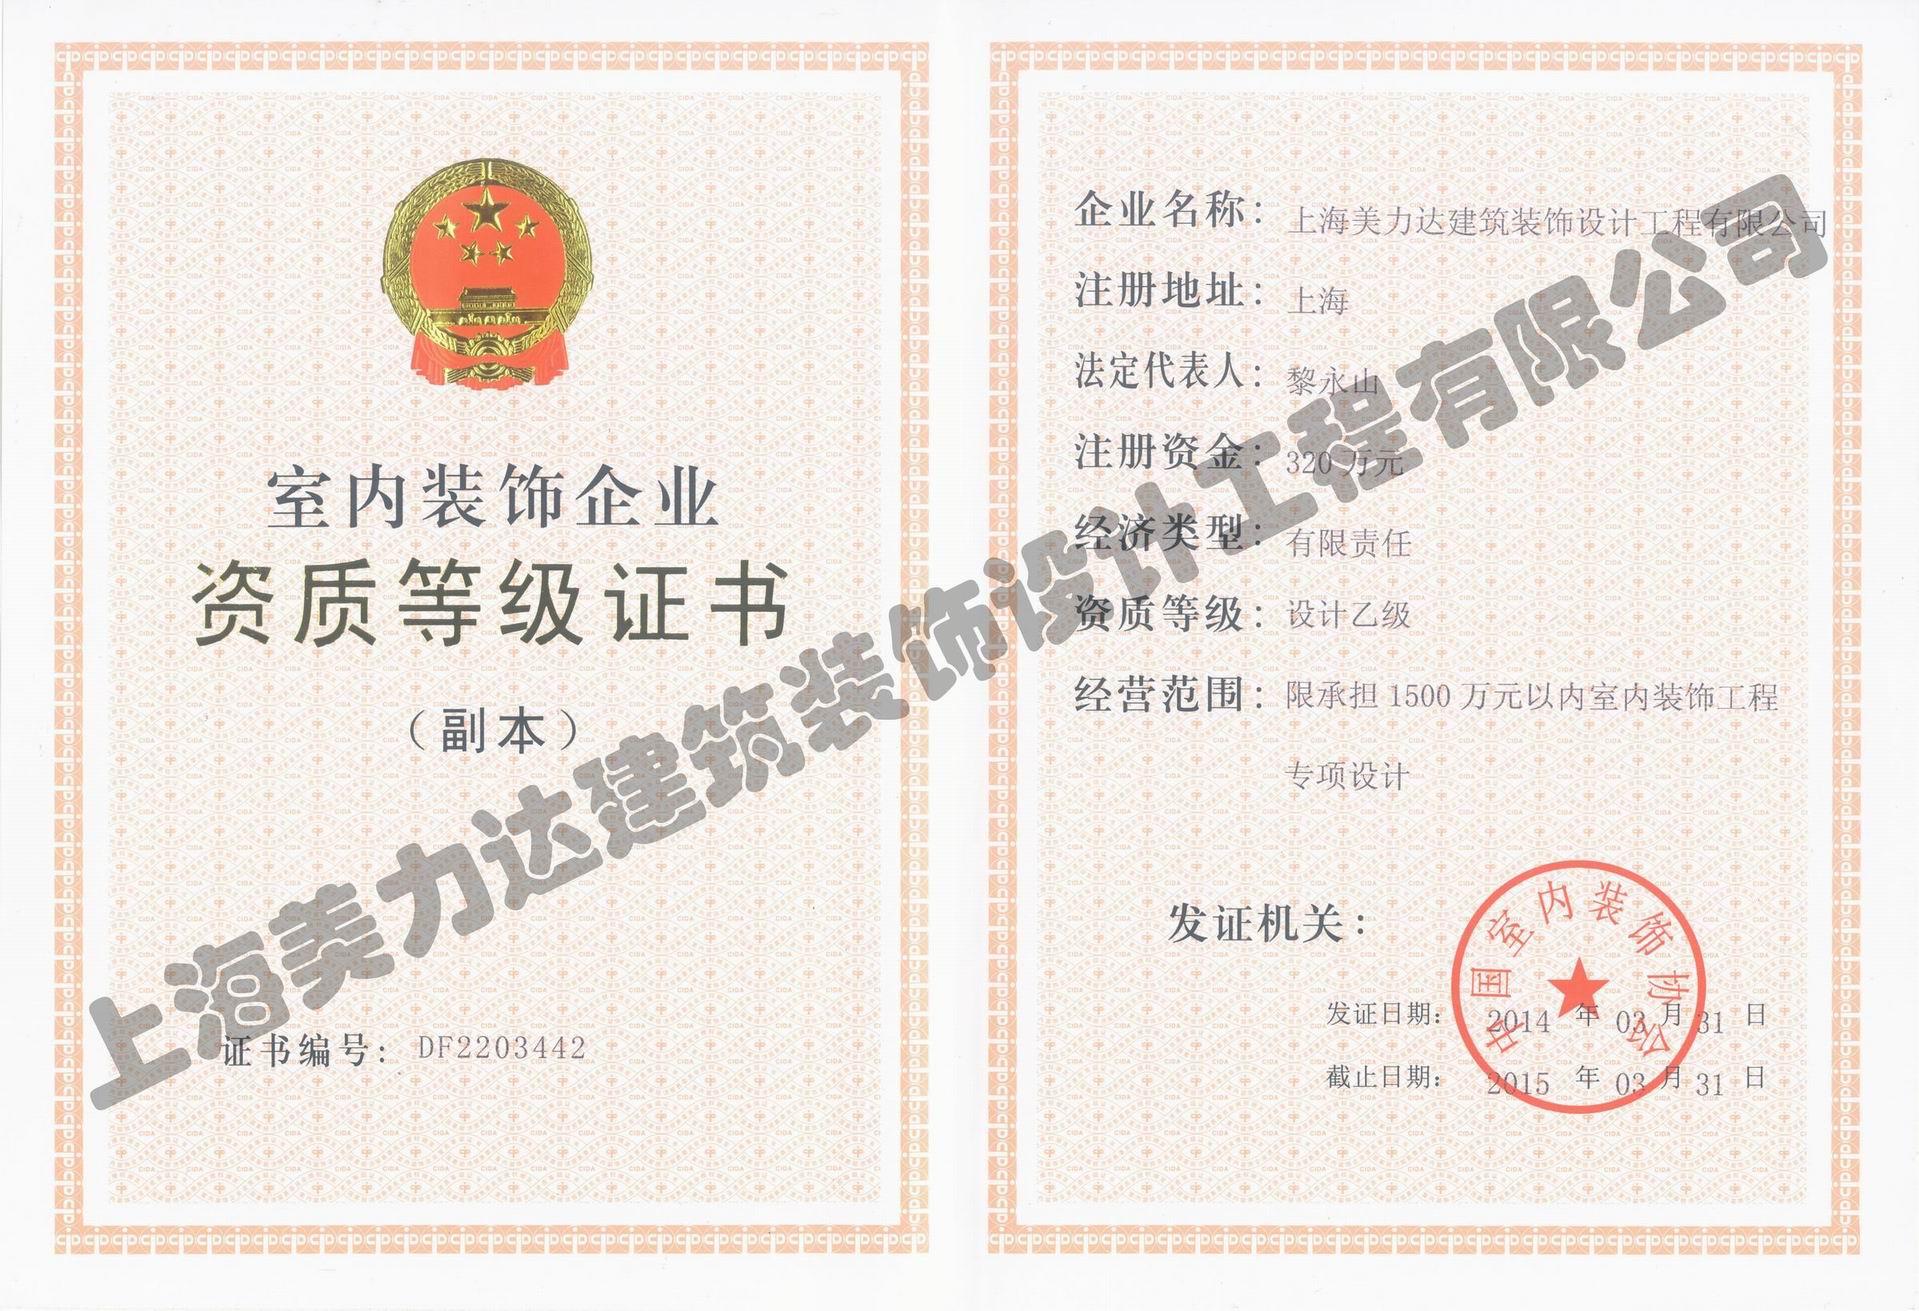 上海美力达建筑装饰设计工程有限公司-荣誉证书-上海